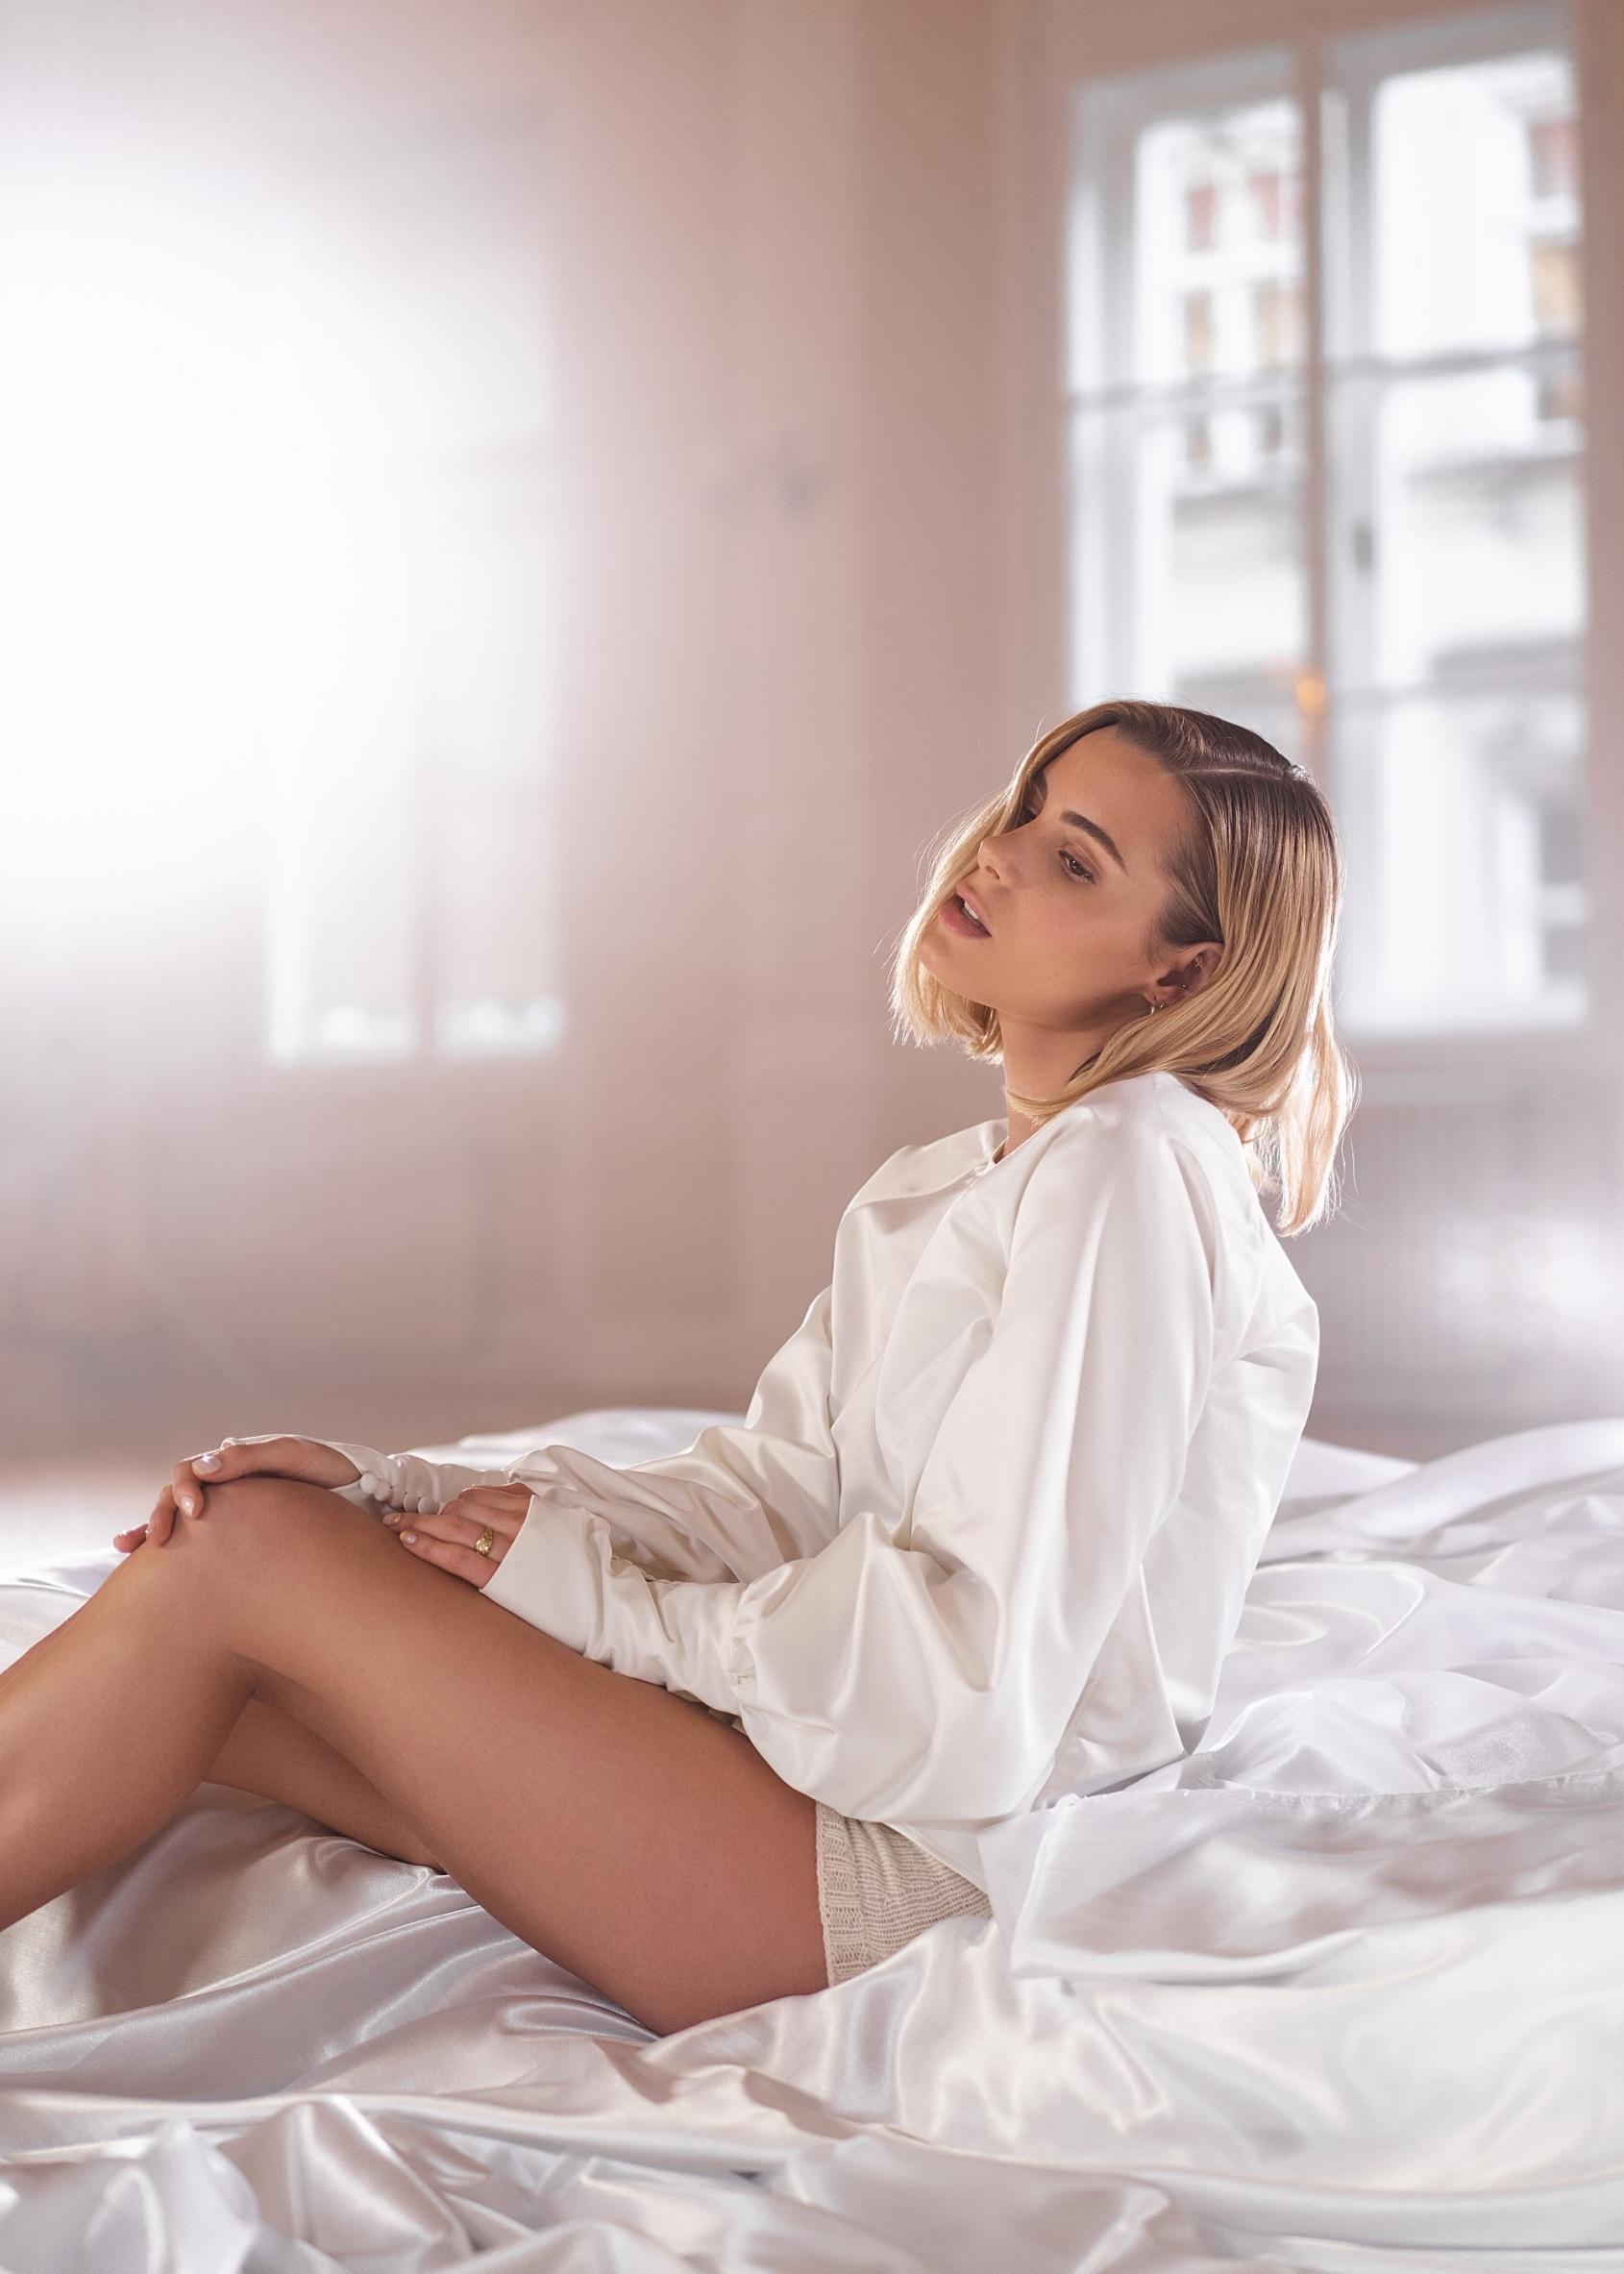 Nika_Turkovic_Raj-PetraMiksik (35)nova